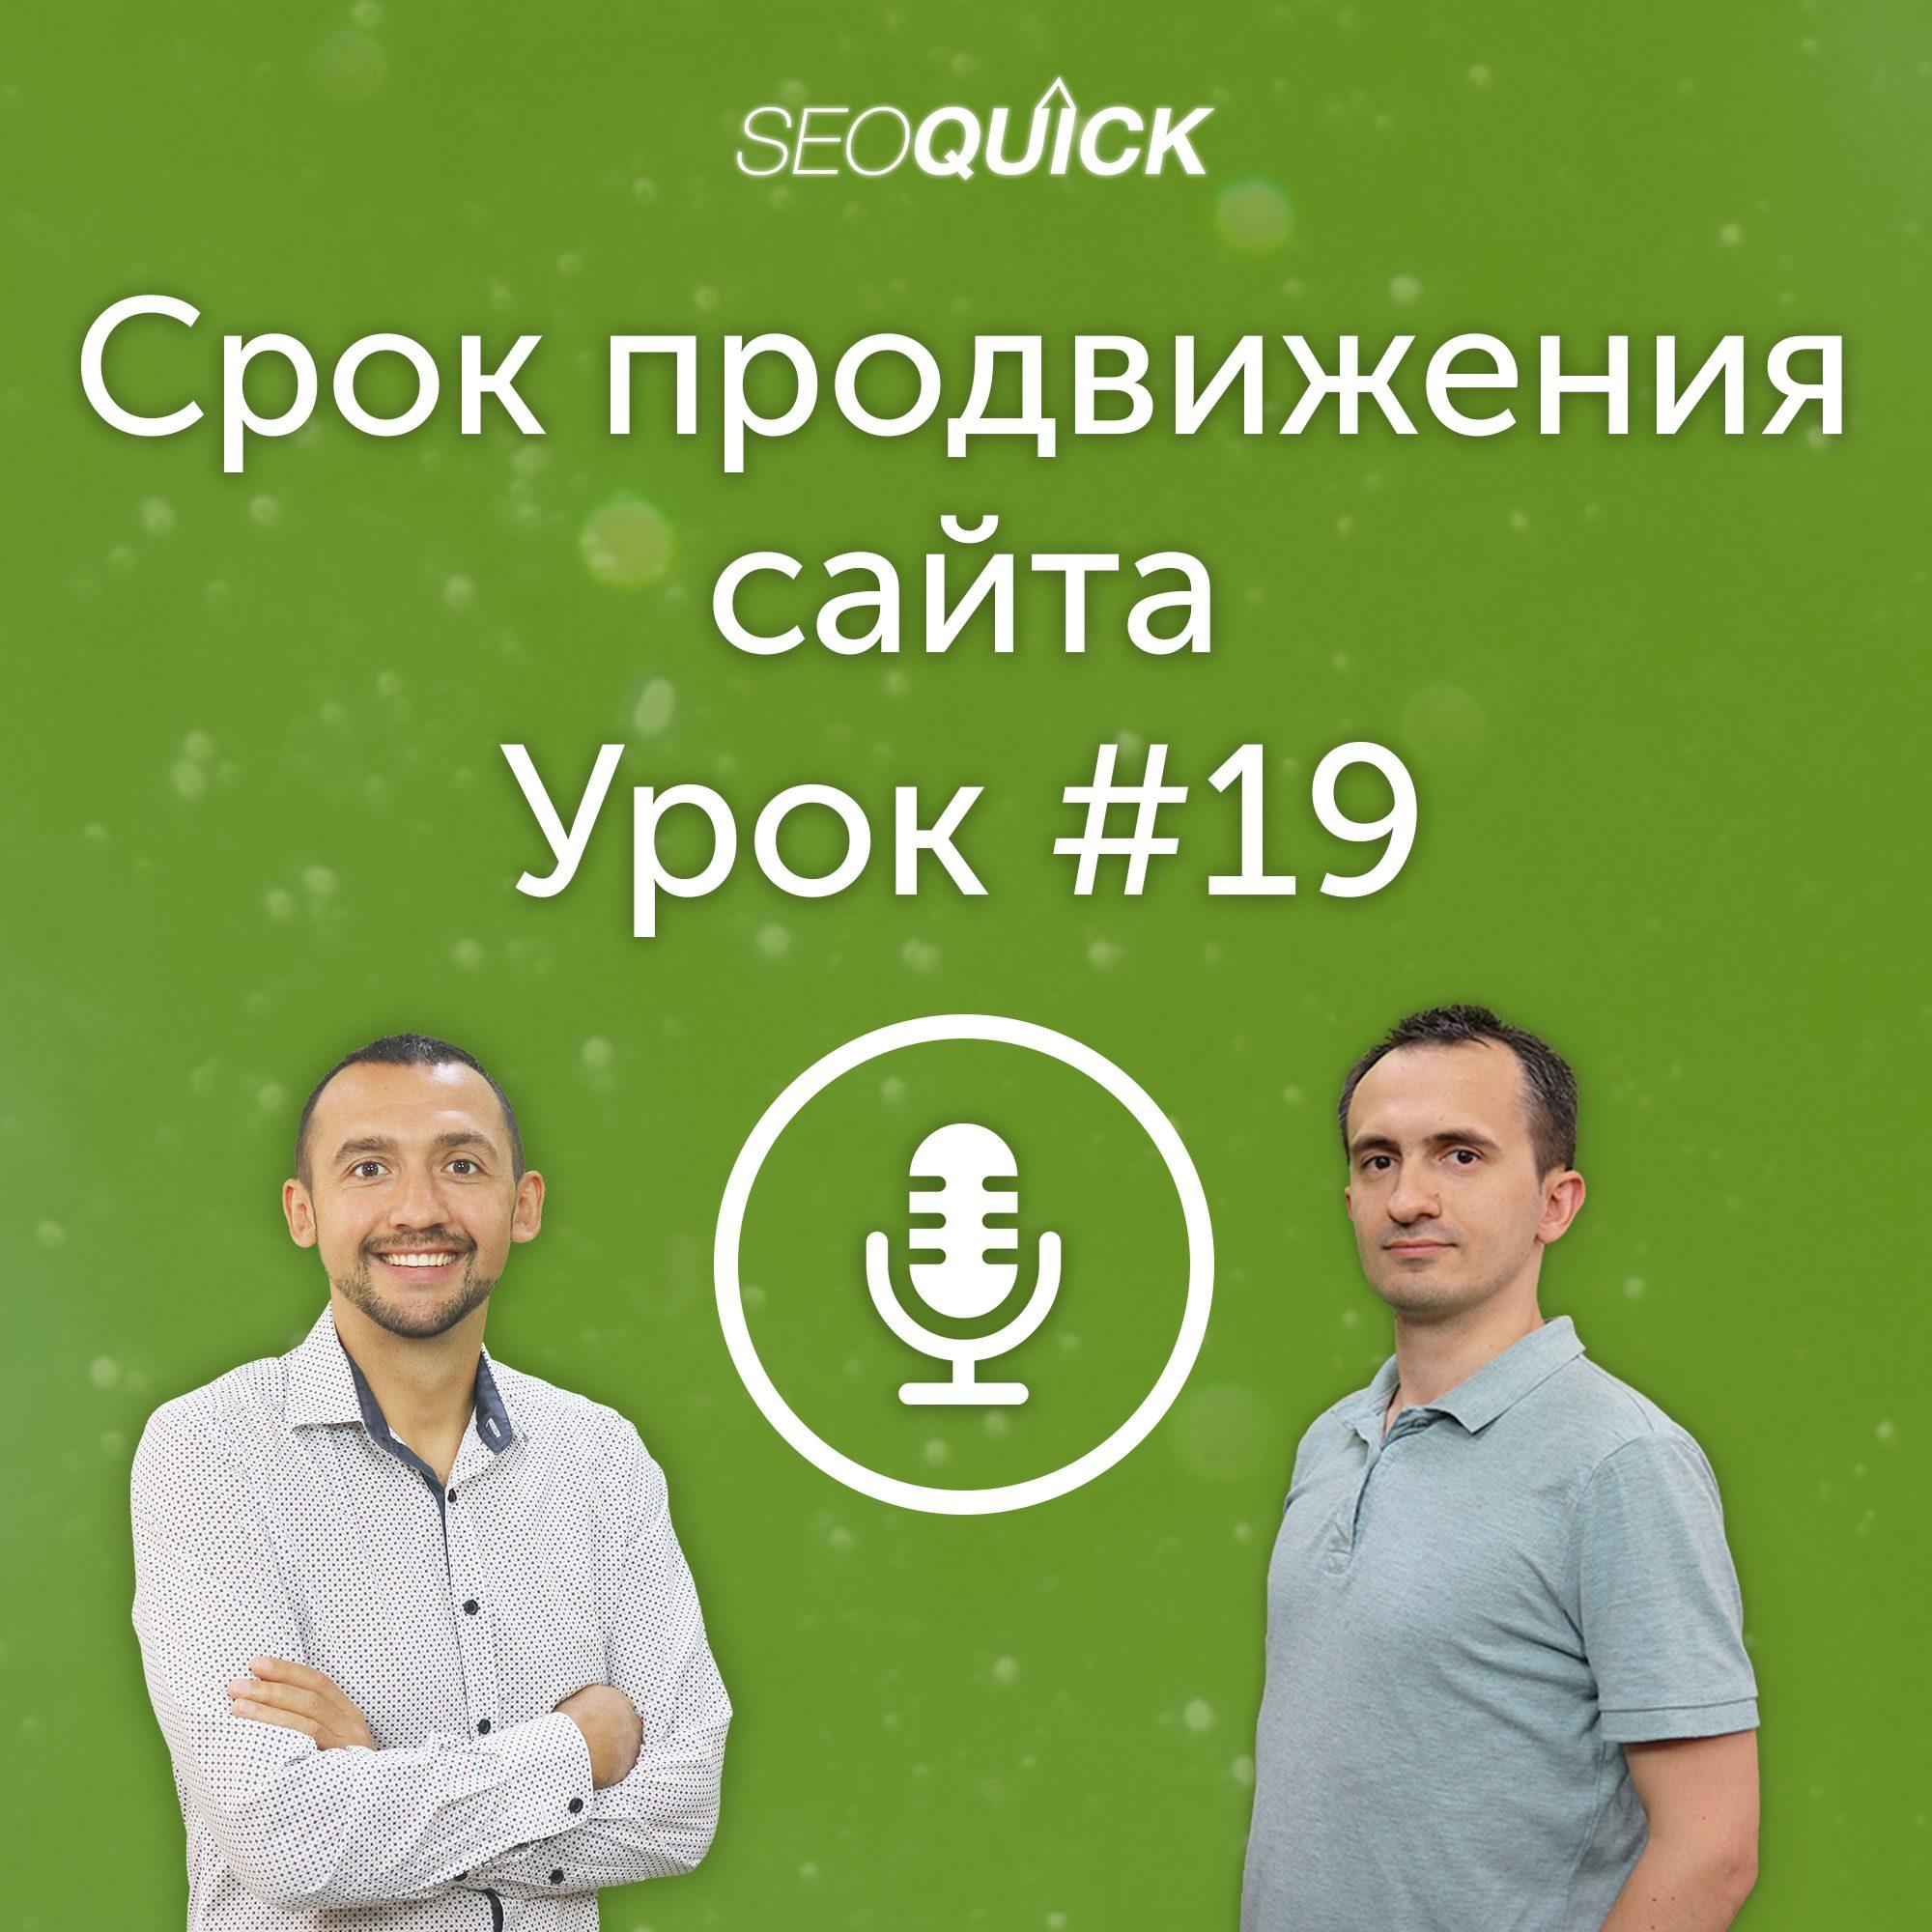 Уроки по продвижении сайта сайт муниципальной управляющей компании красноярск